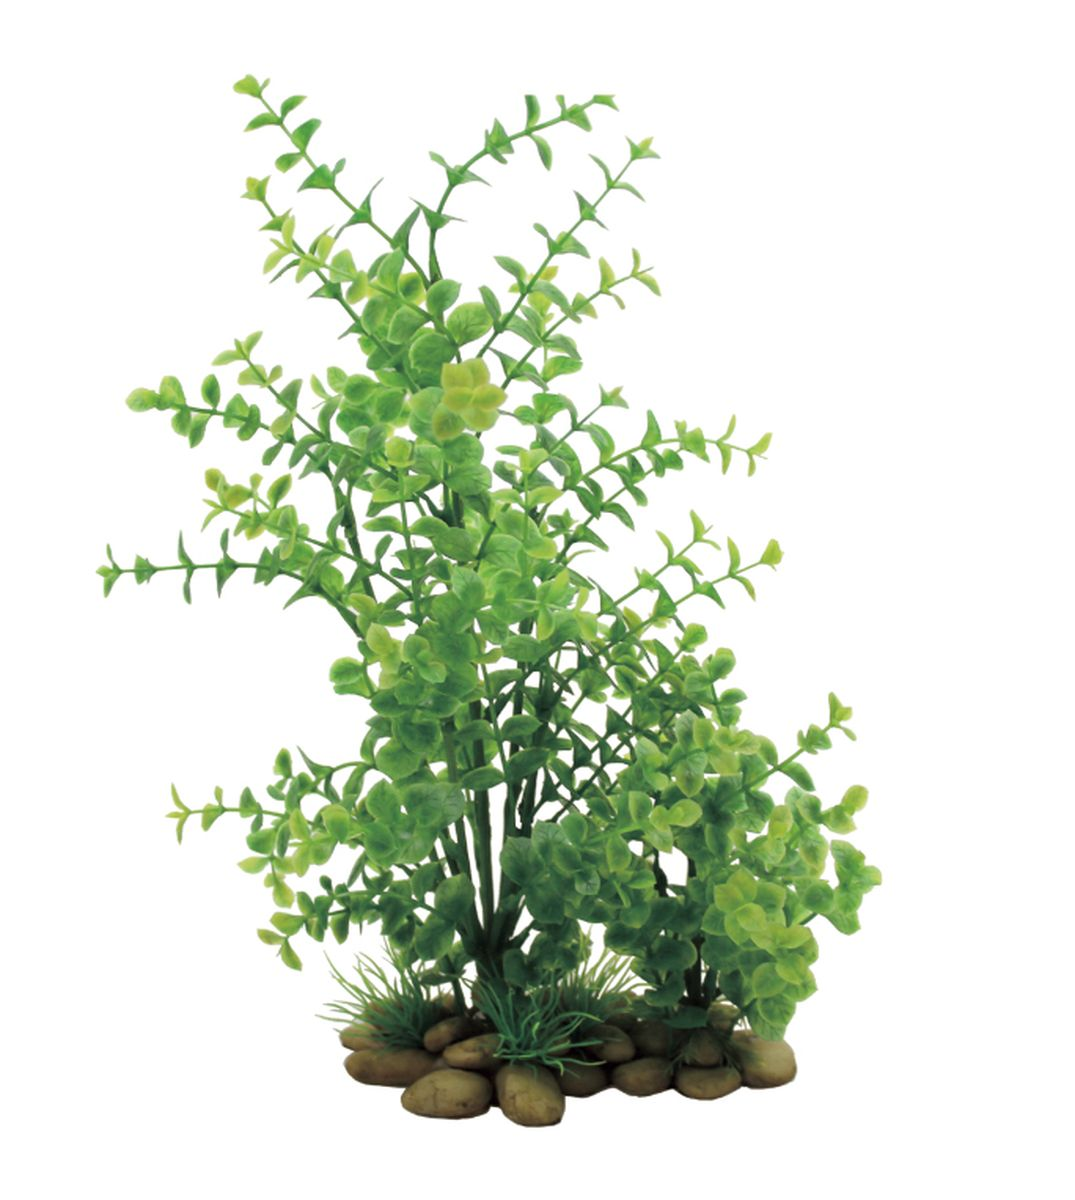 Растение для аквариума ArtUniq Лизимахия, высота 38 см0120710Композиция из искусственных растений ArtUniq превосходно украсит и оживит аквариум.Растения - это важная часть любой композиции, они помогут вдохнуть жизнь в ландшафт любого аквариума или террариума. А их сходствос природными порадует даже самых взыскательных ценителей.